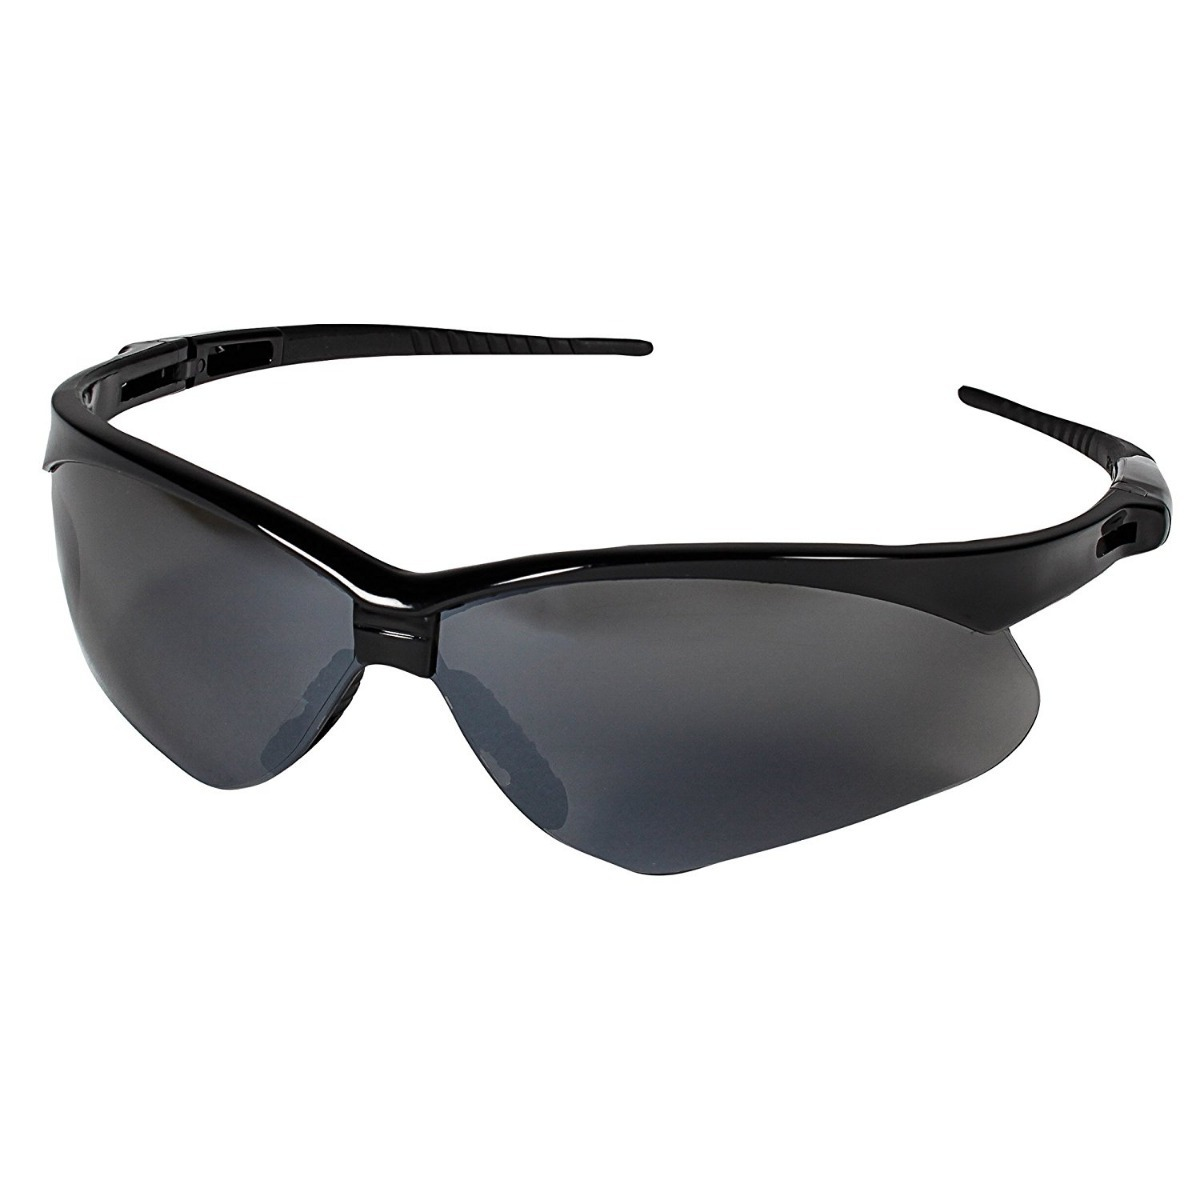 a20e5abb4f2f9 oculos nemesis jackson armacao preta lente fume epi uv ca un. Carregando  zoom.